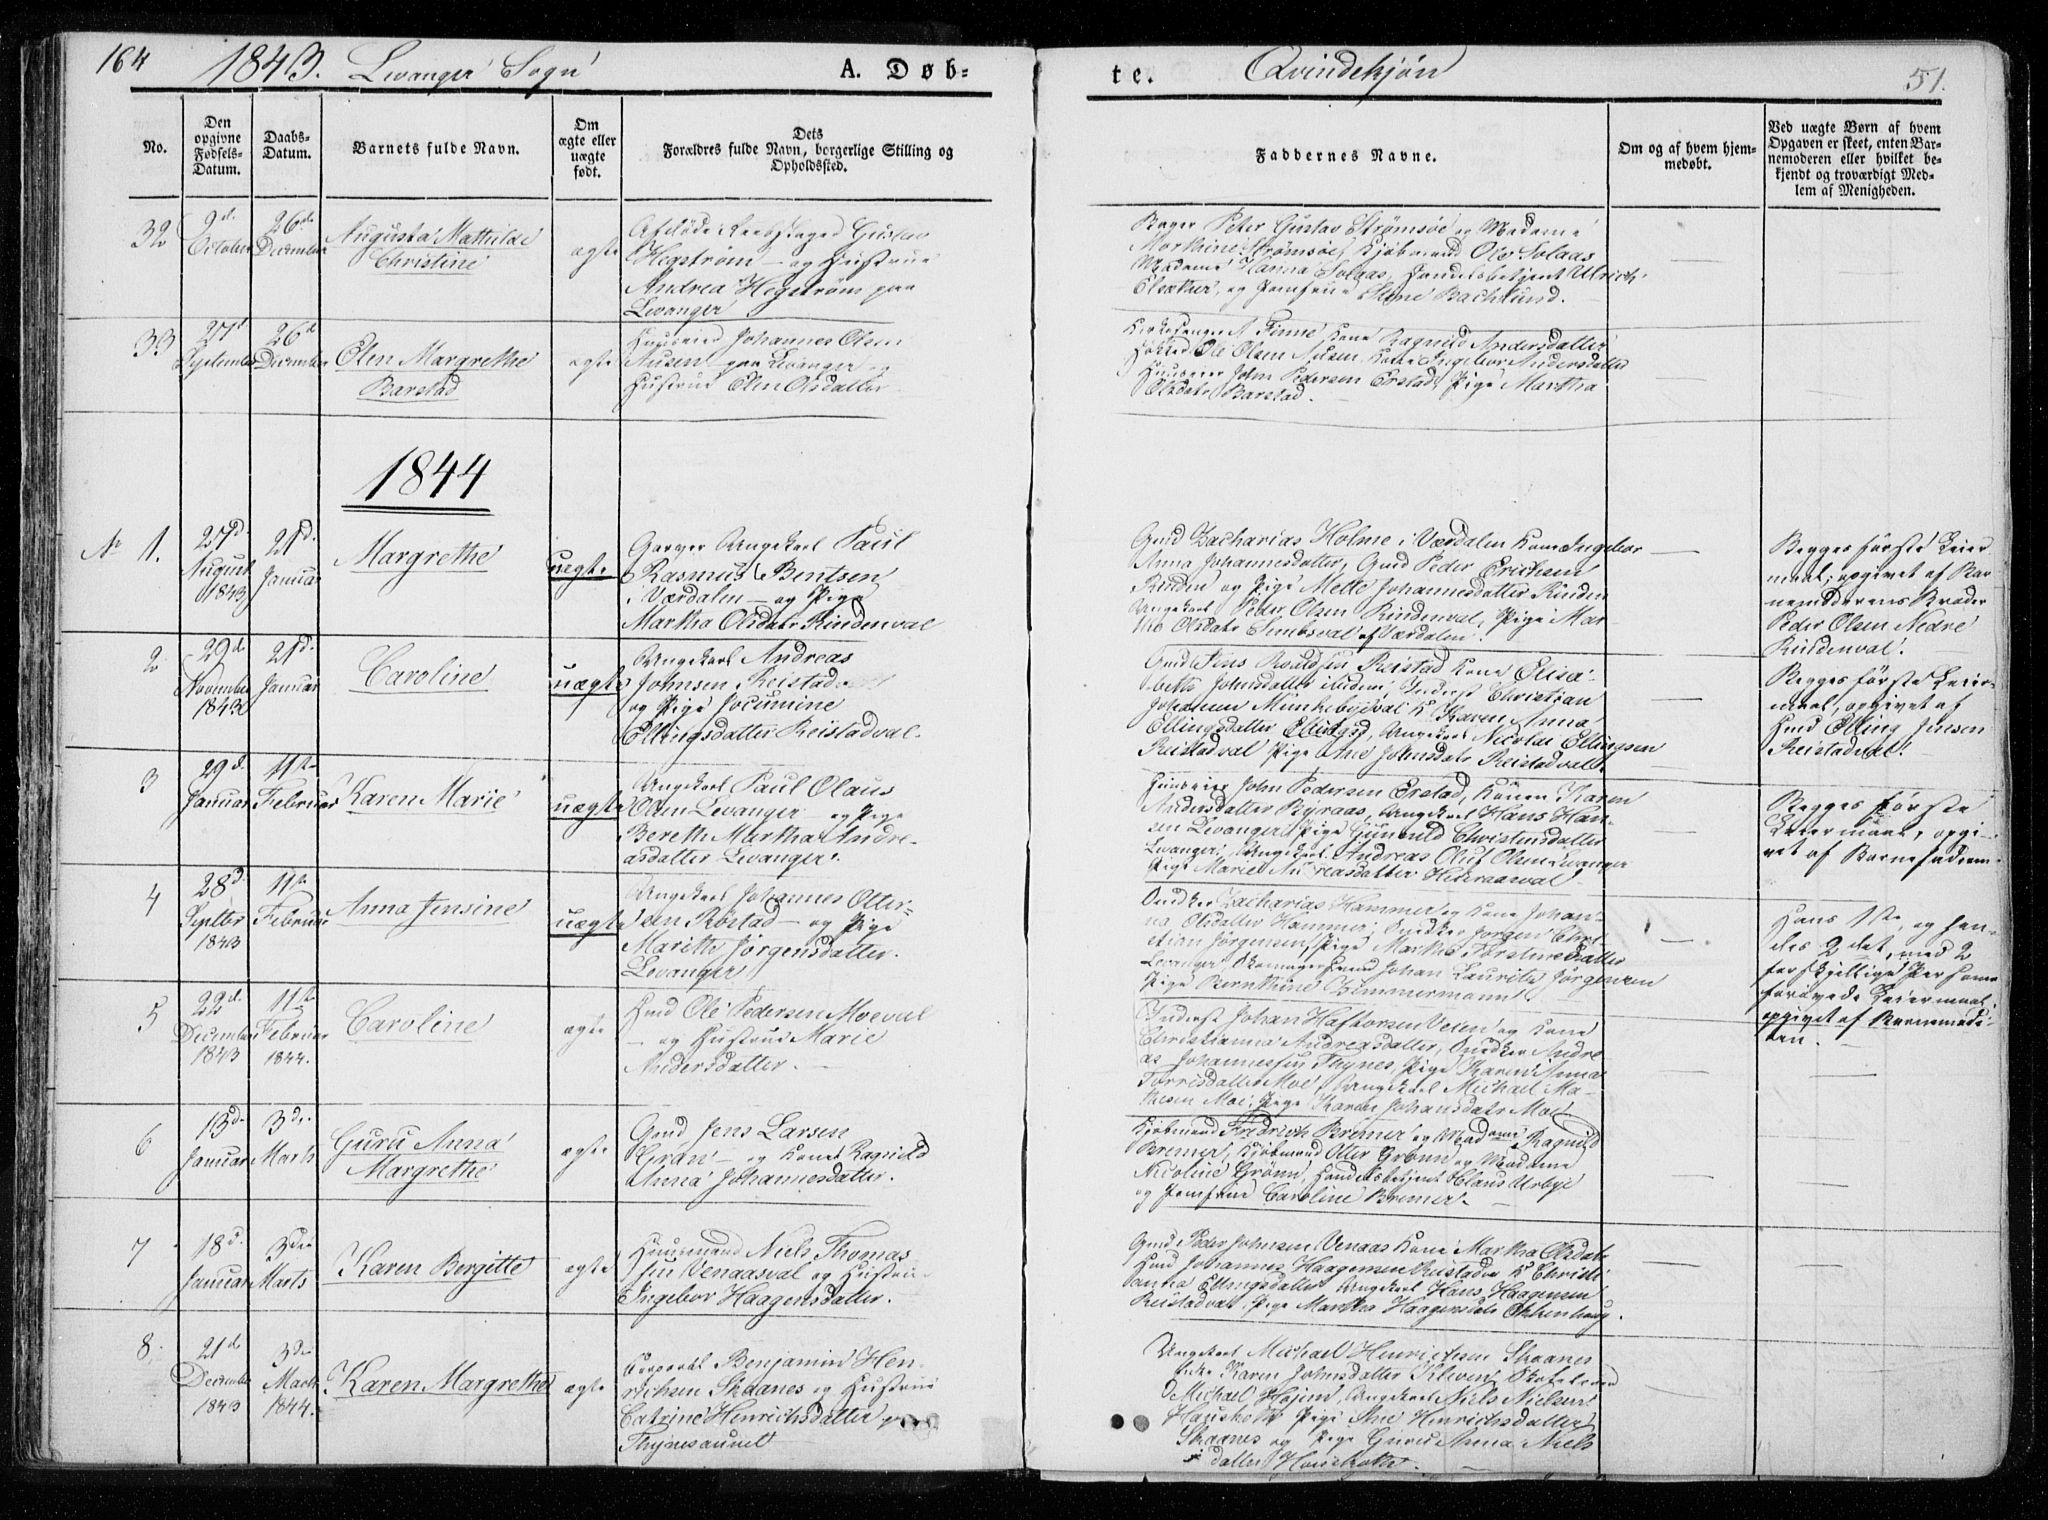 SAT, Ministerialprotokoller, klokkerbøker og fødselsregistre - Nord-Trøndelag, 720/L0183: Ministerialbok nr. 720A01, 1836-1855, s. 51